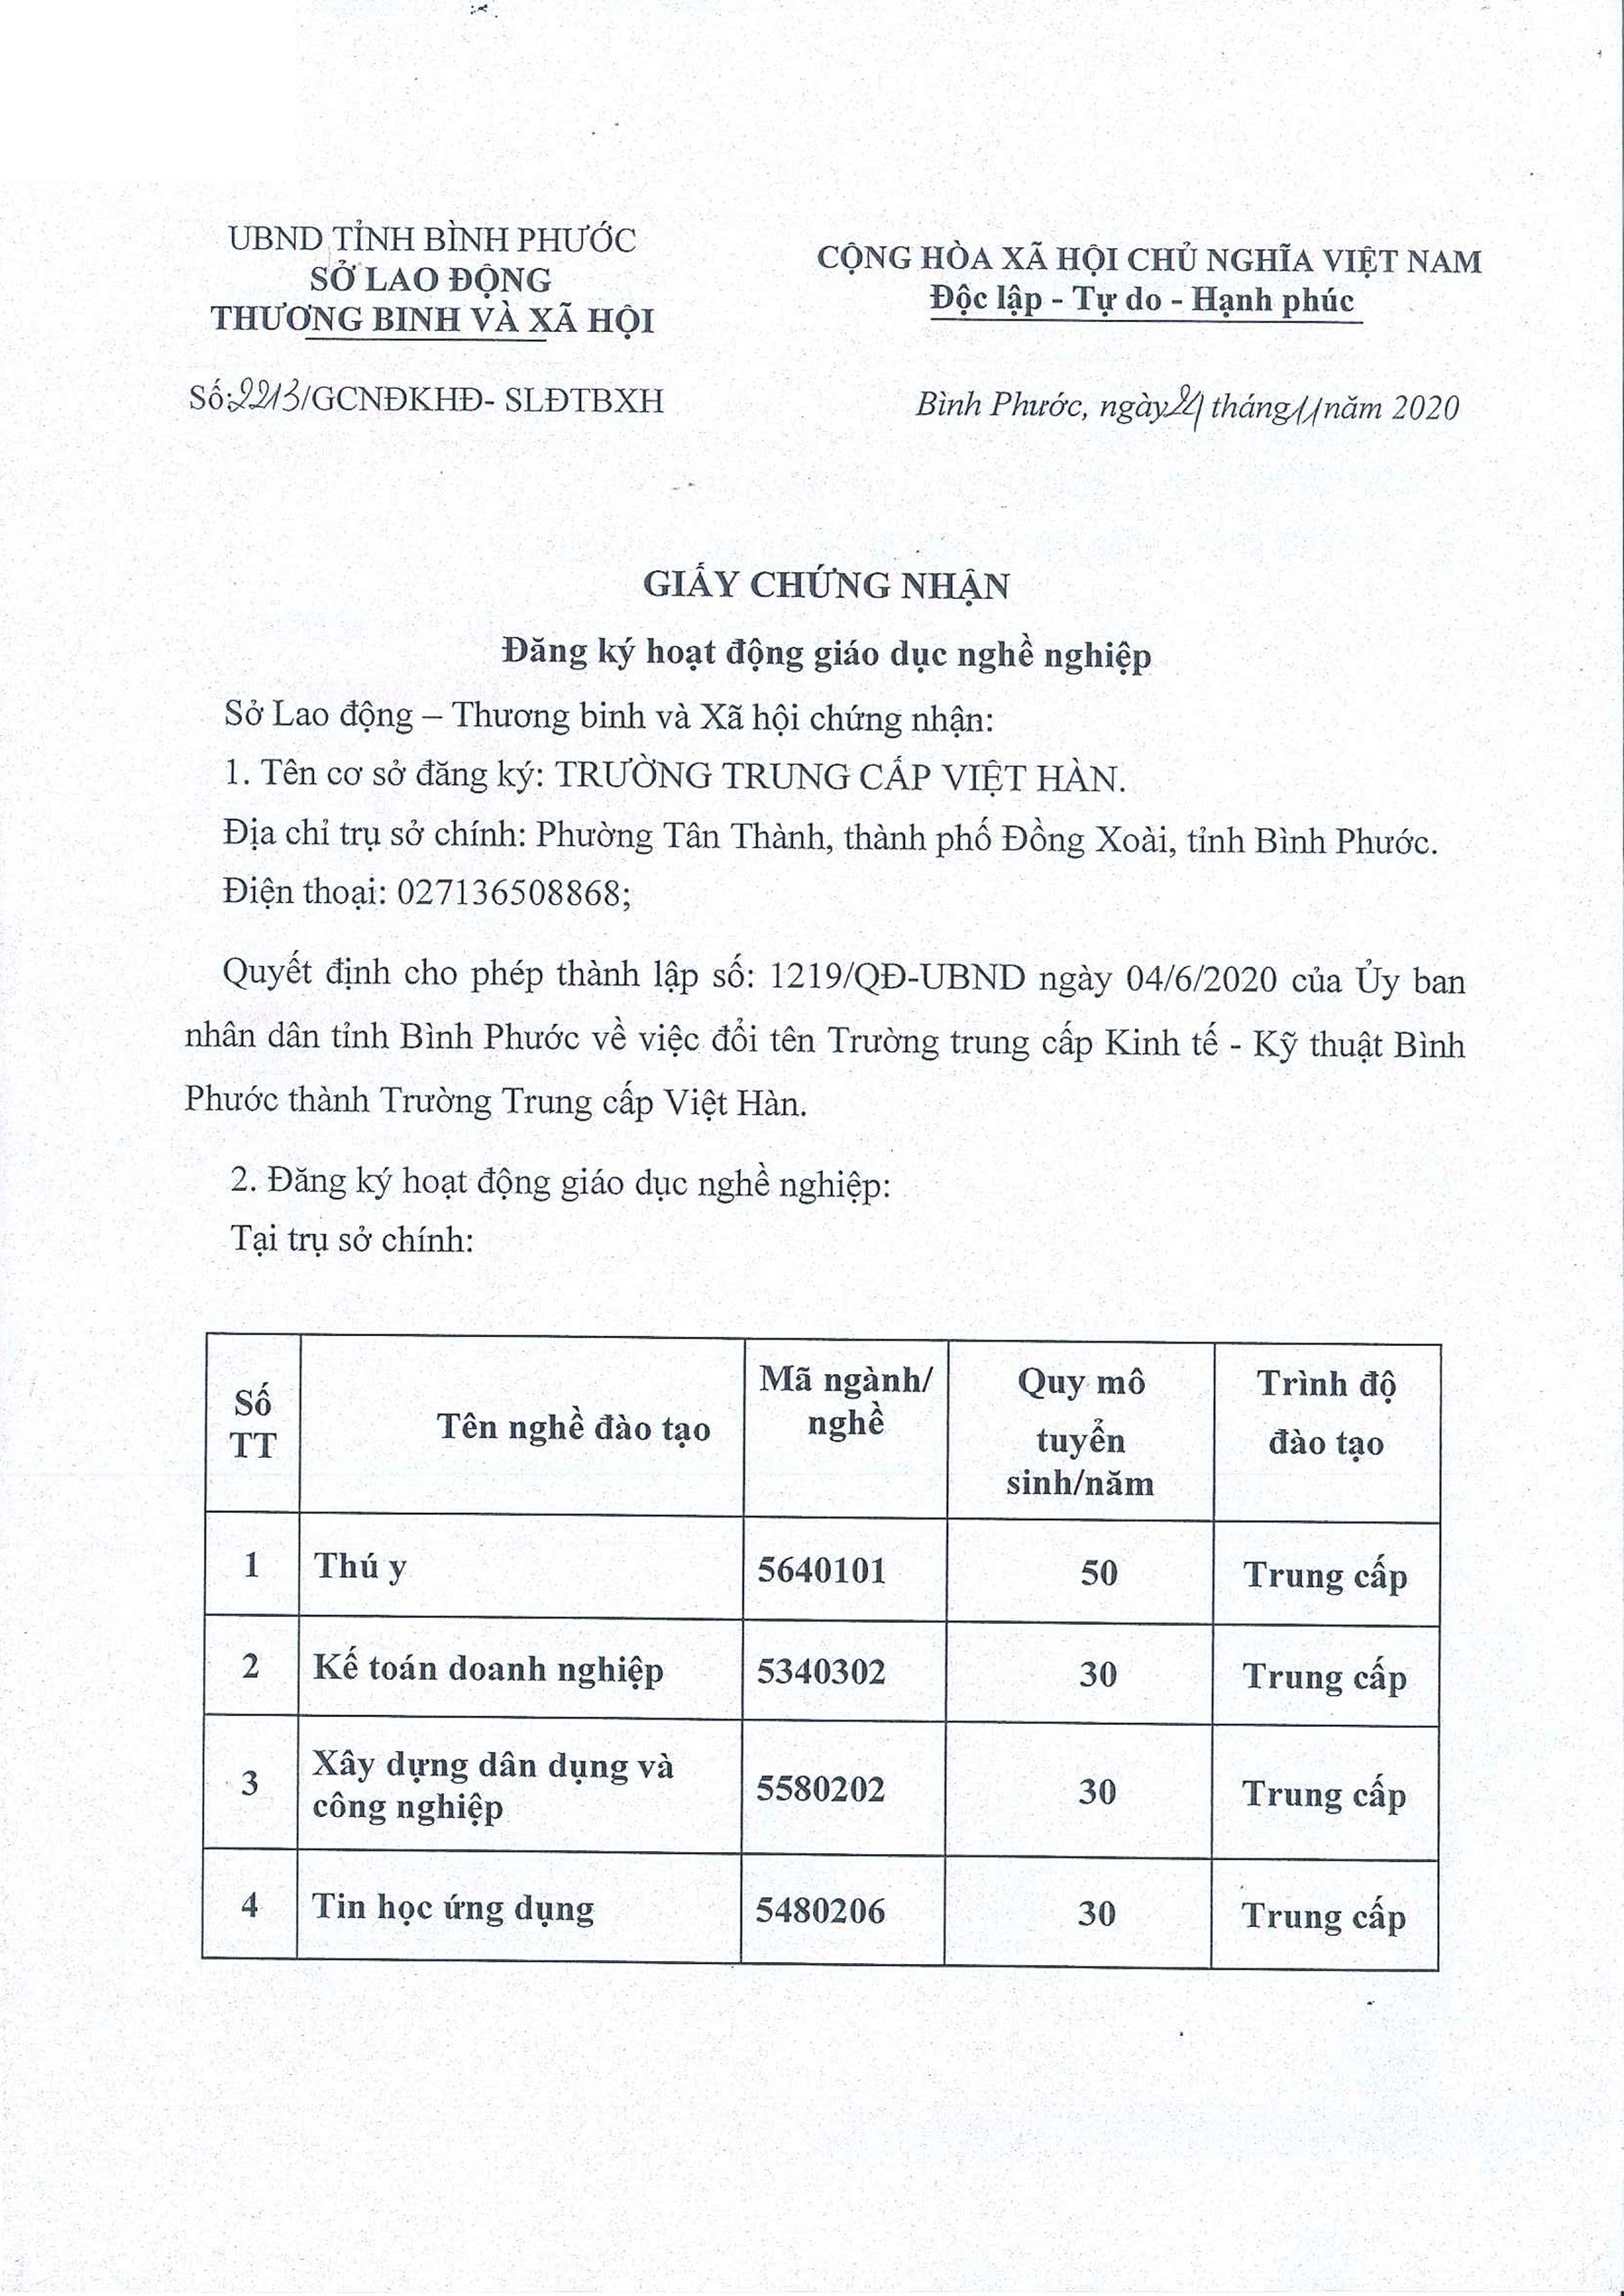 Đăng Ký Hoạt Động Giáo Dục Nghề Nghiệp Của Trường Trung Cấp Việt Hàn - 1